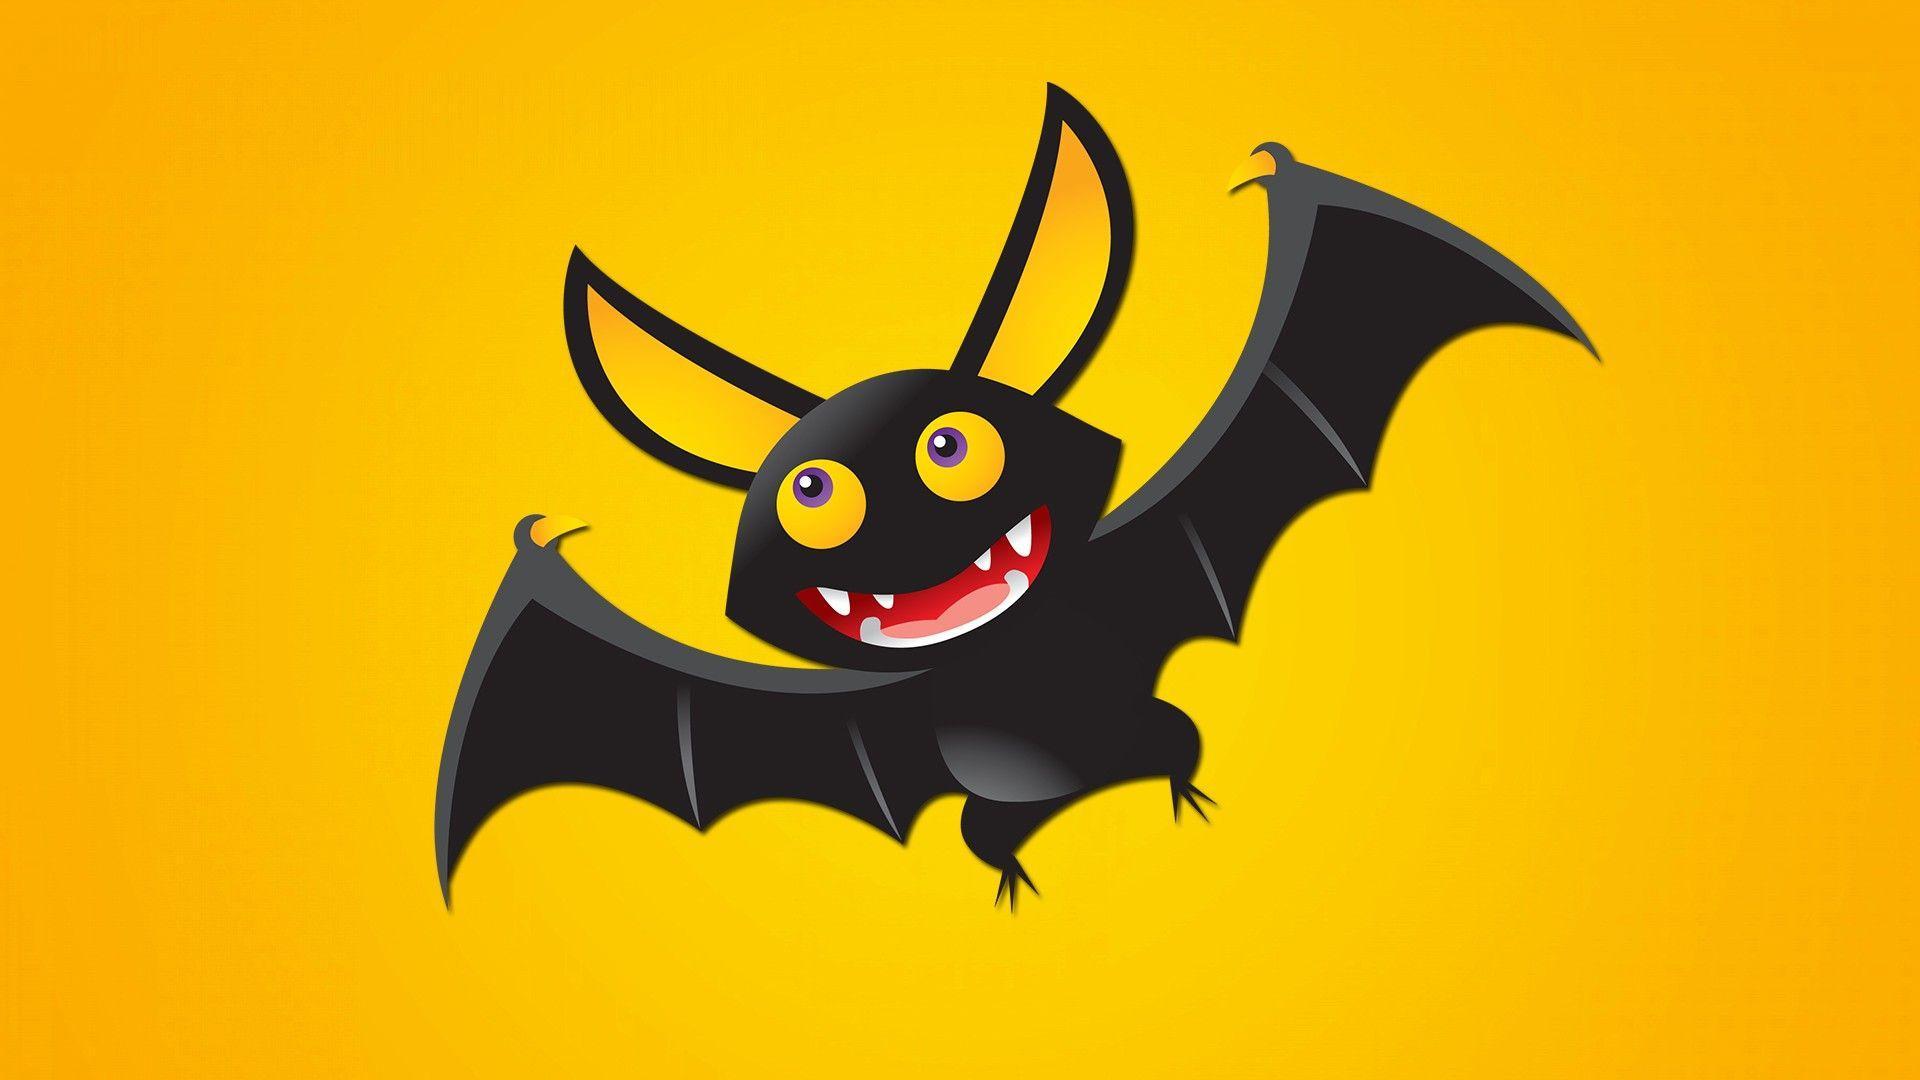 как летучая мышка картинка на хэллоуин что срок годности